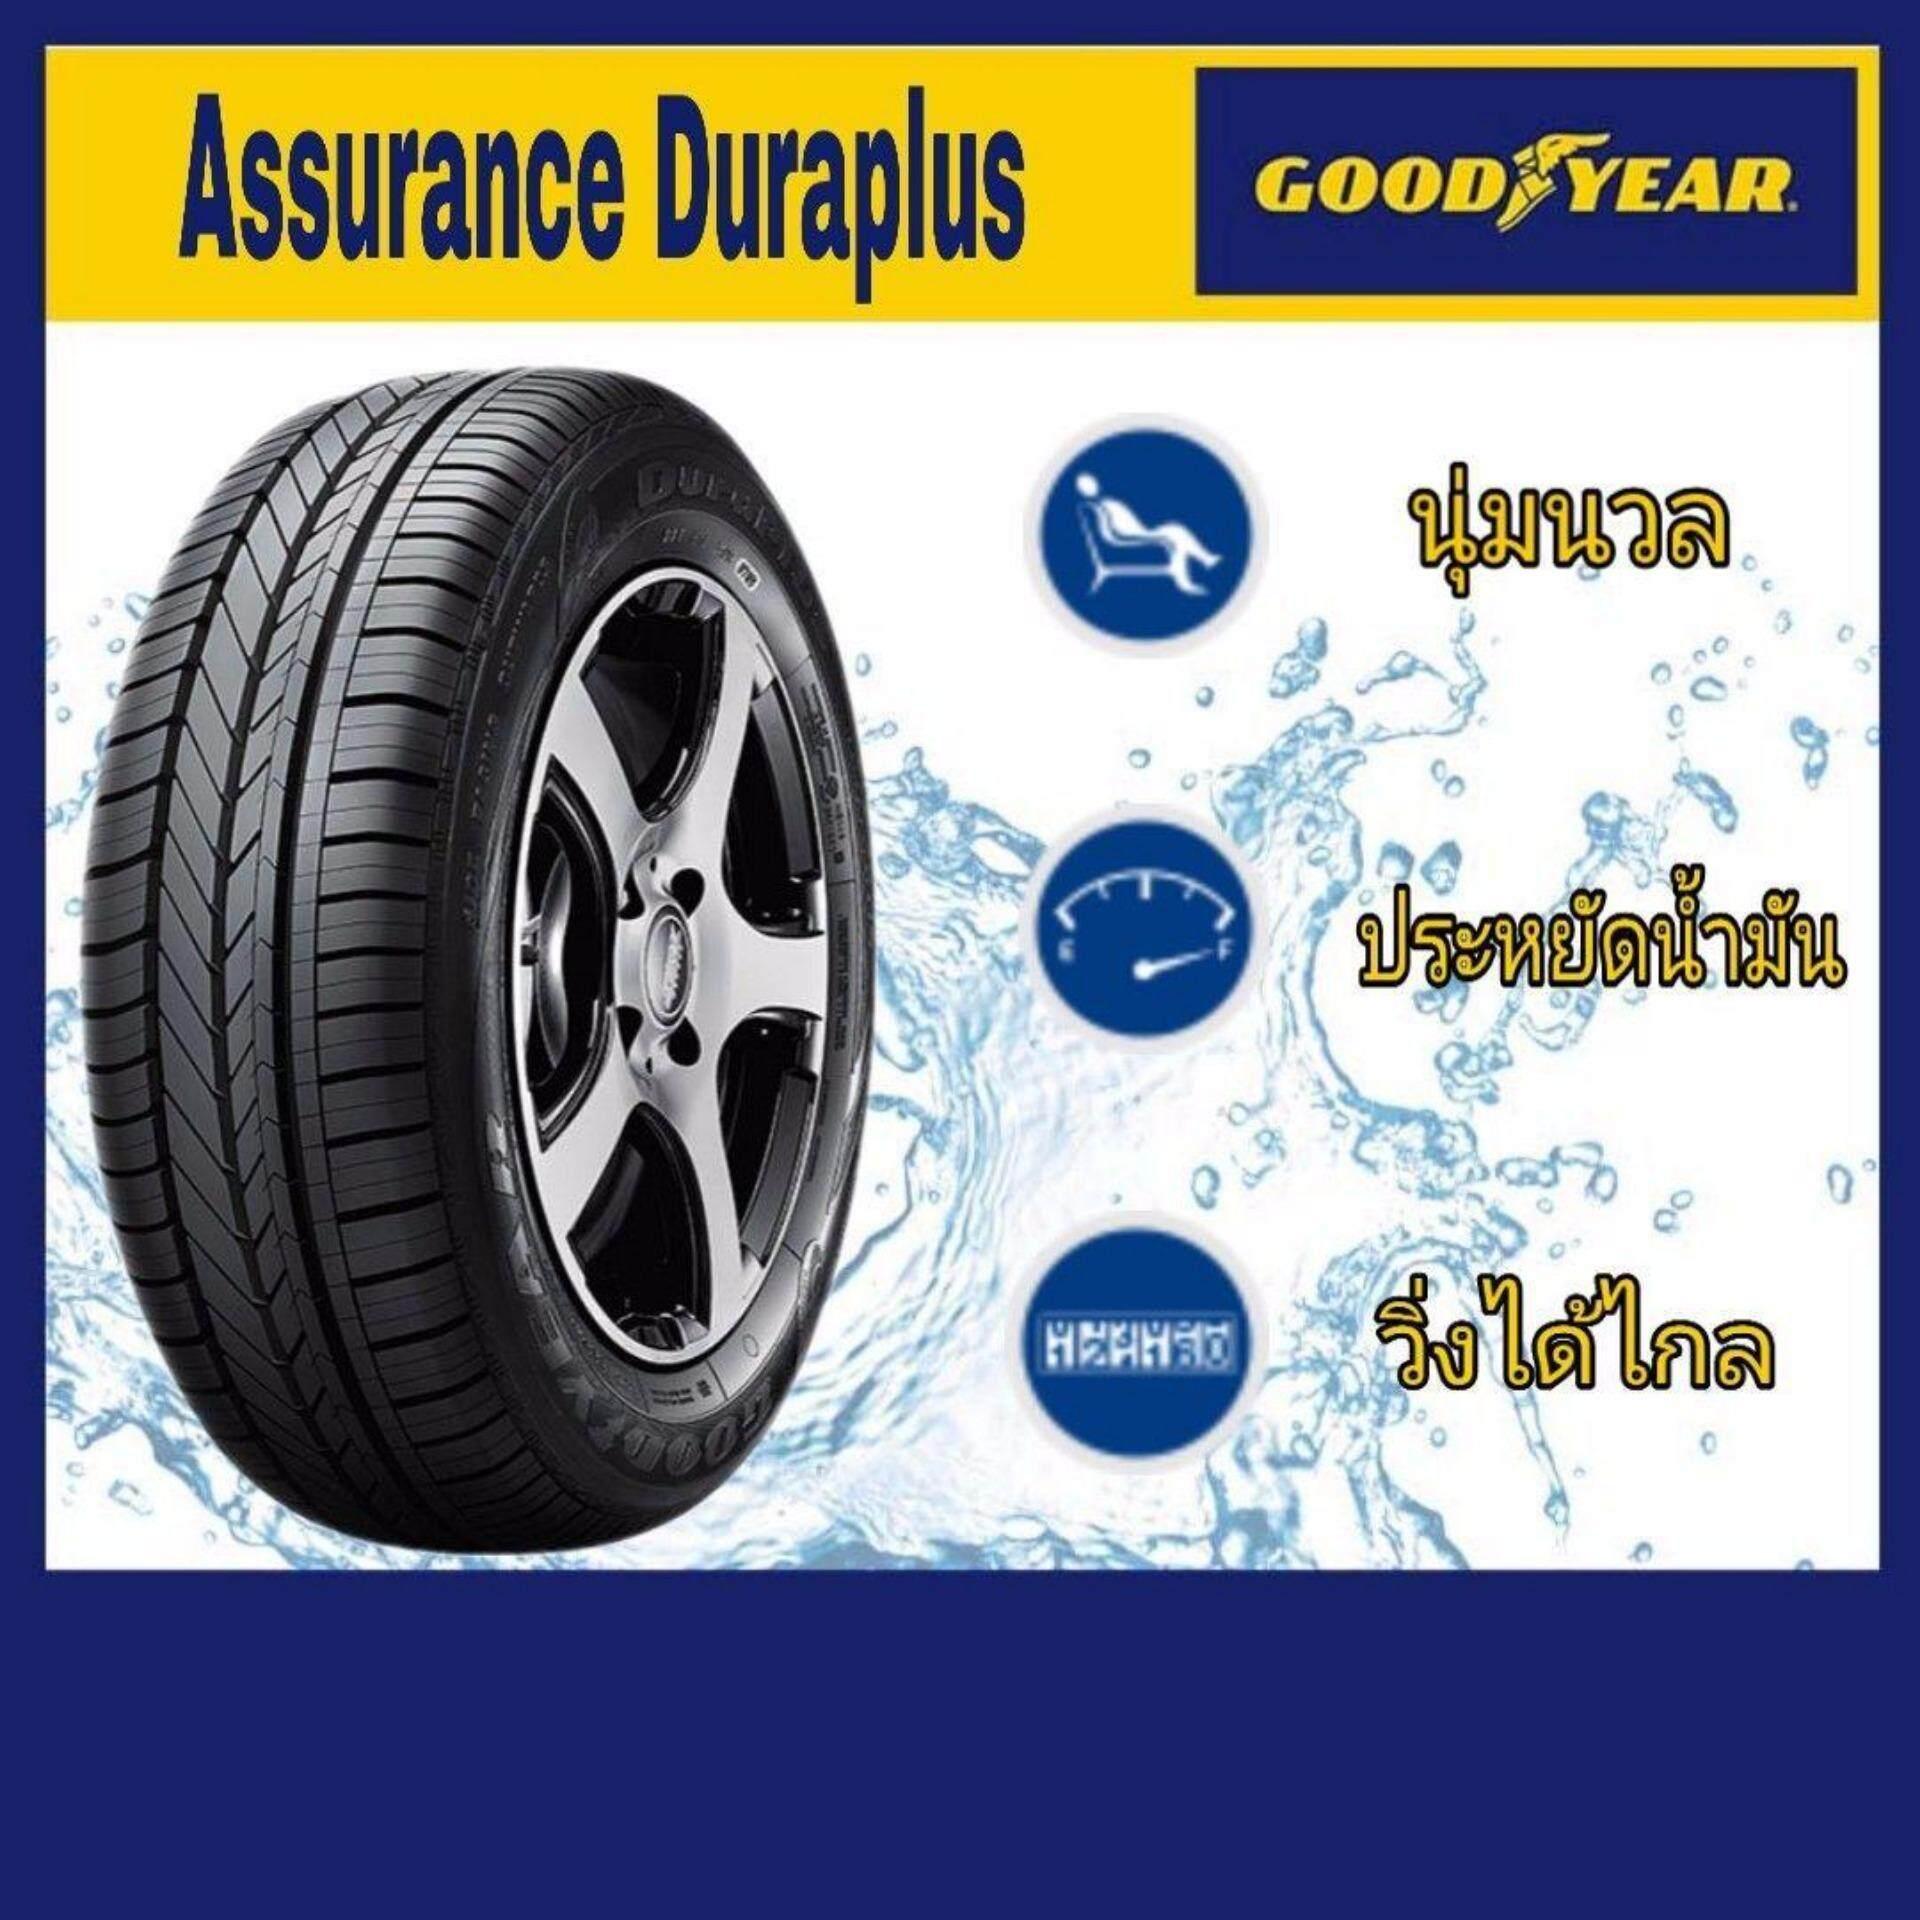 ประกันภัย รถยนต์ แบบ ผ่อน ได้ นครพนม Goodyear ยางรถยนต์ 215/55R17 รุ่น Assurance Duraplus